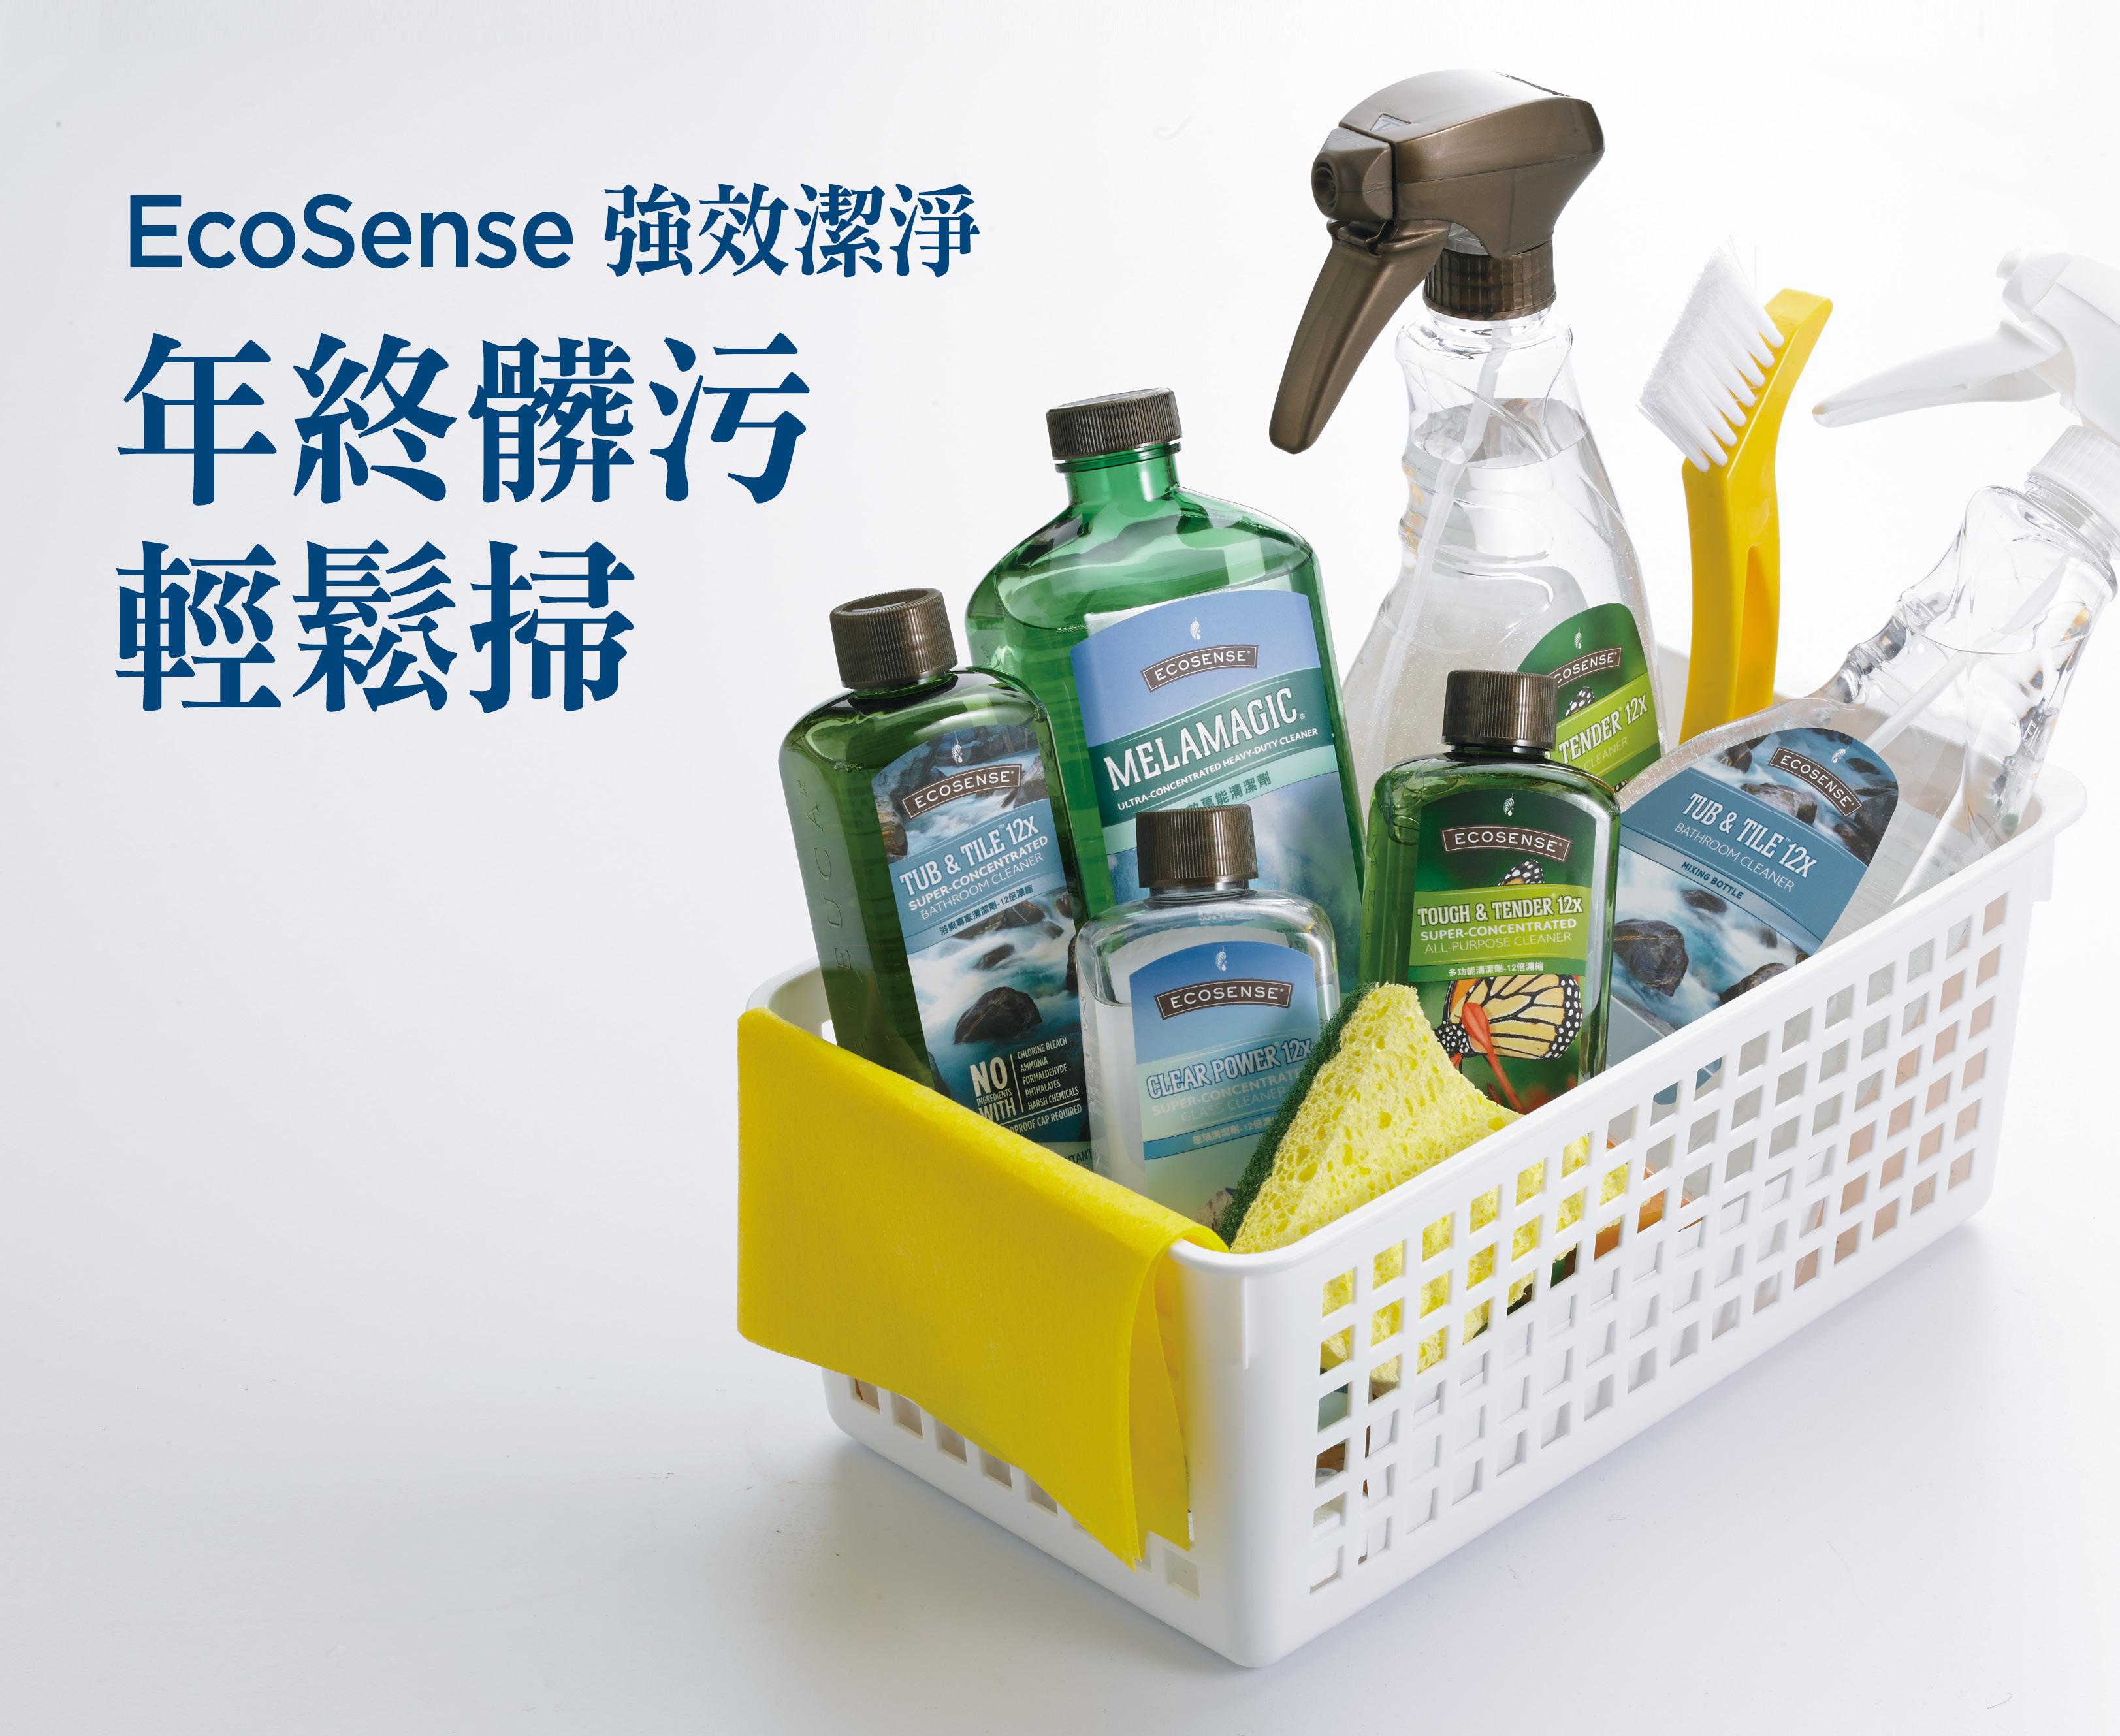 美樂家EcoSense強效潔淨,年終髒污輕鬆掃!